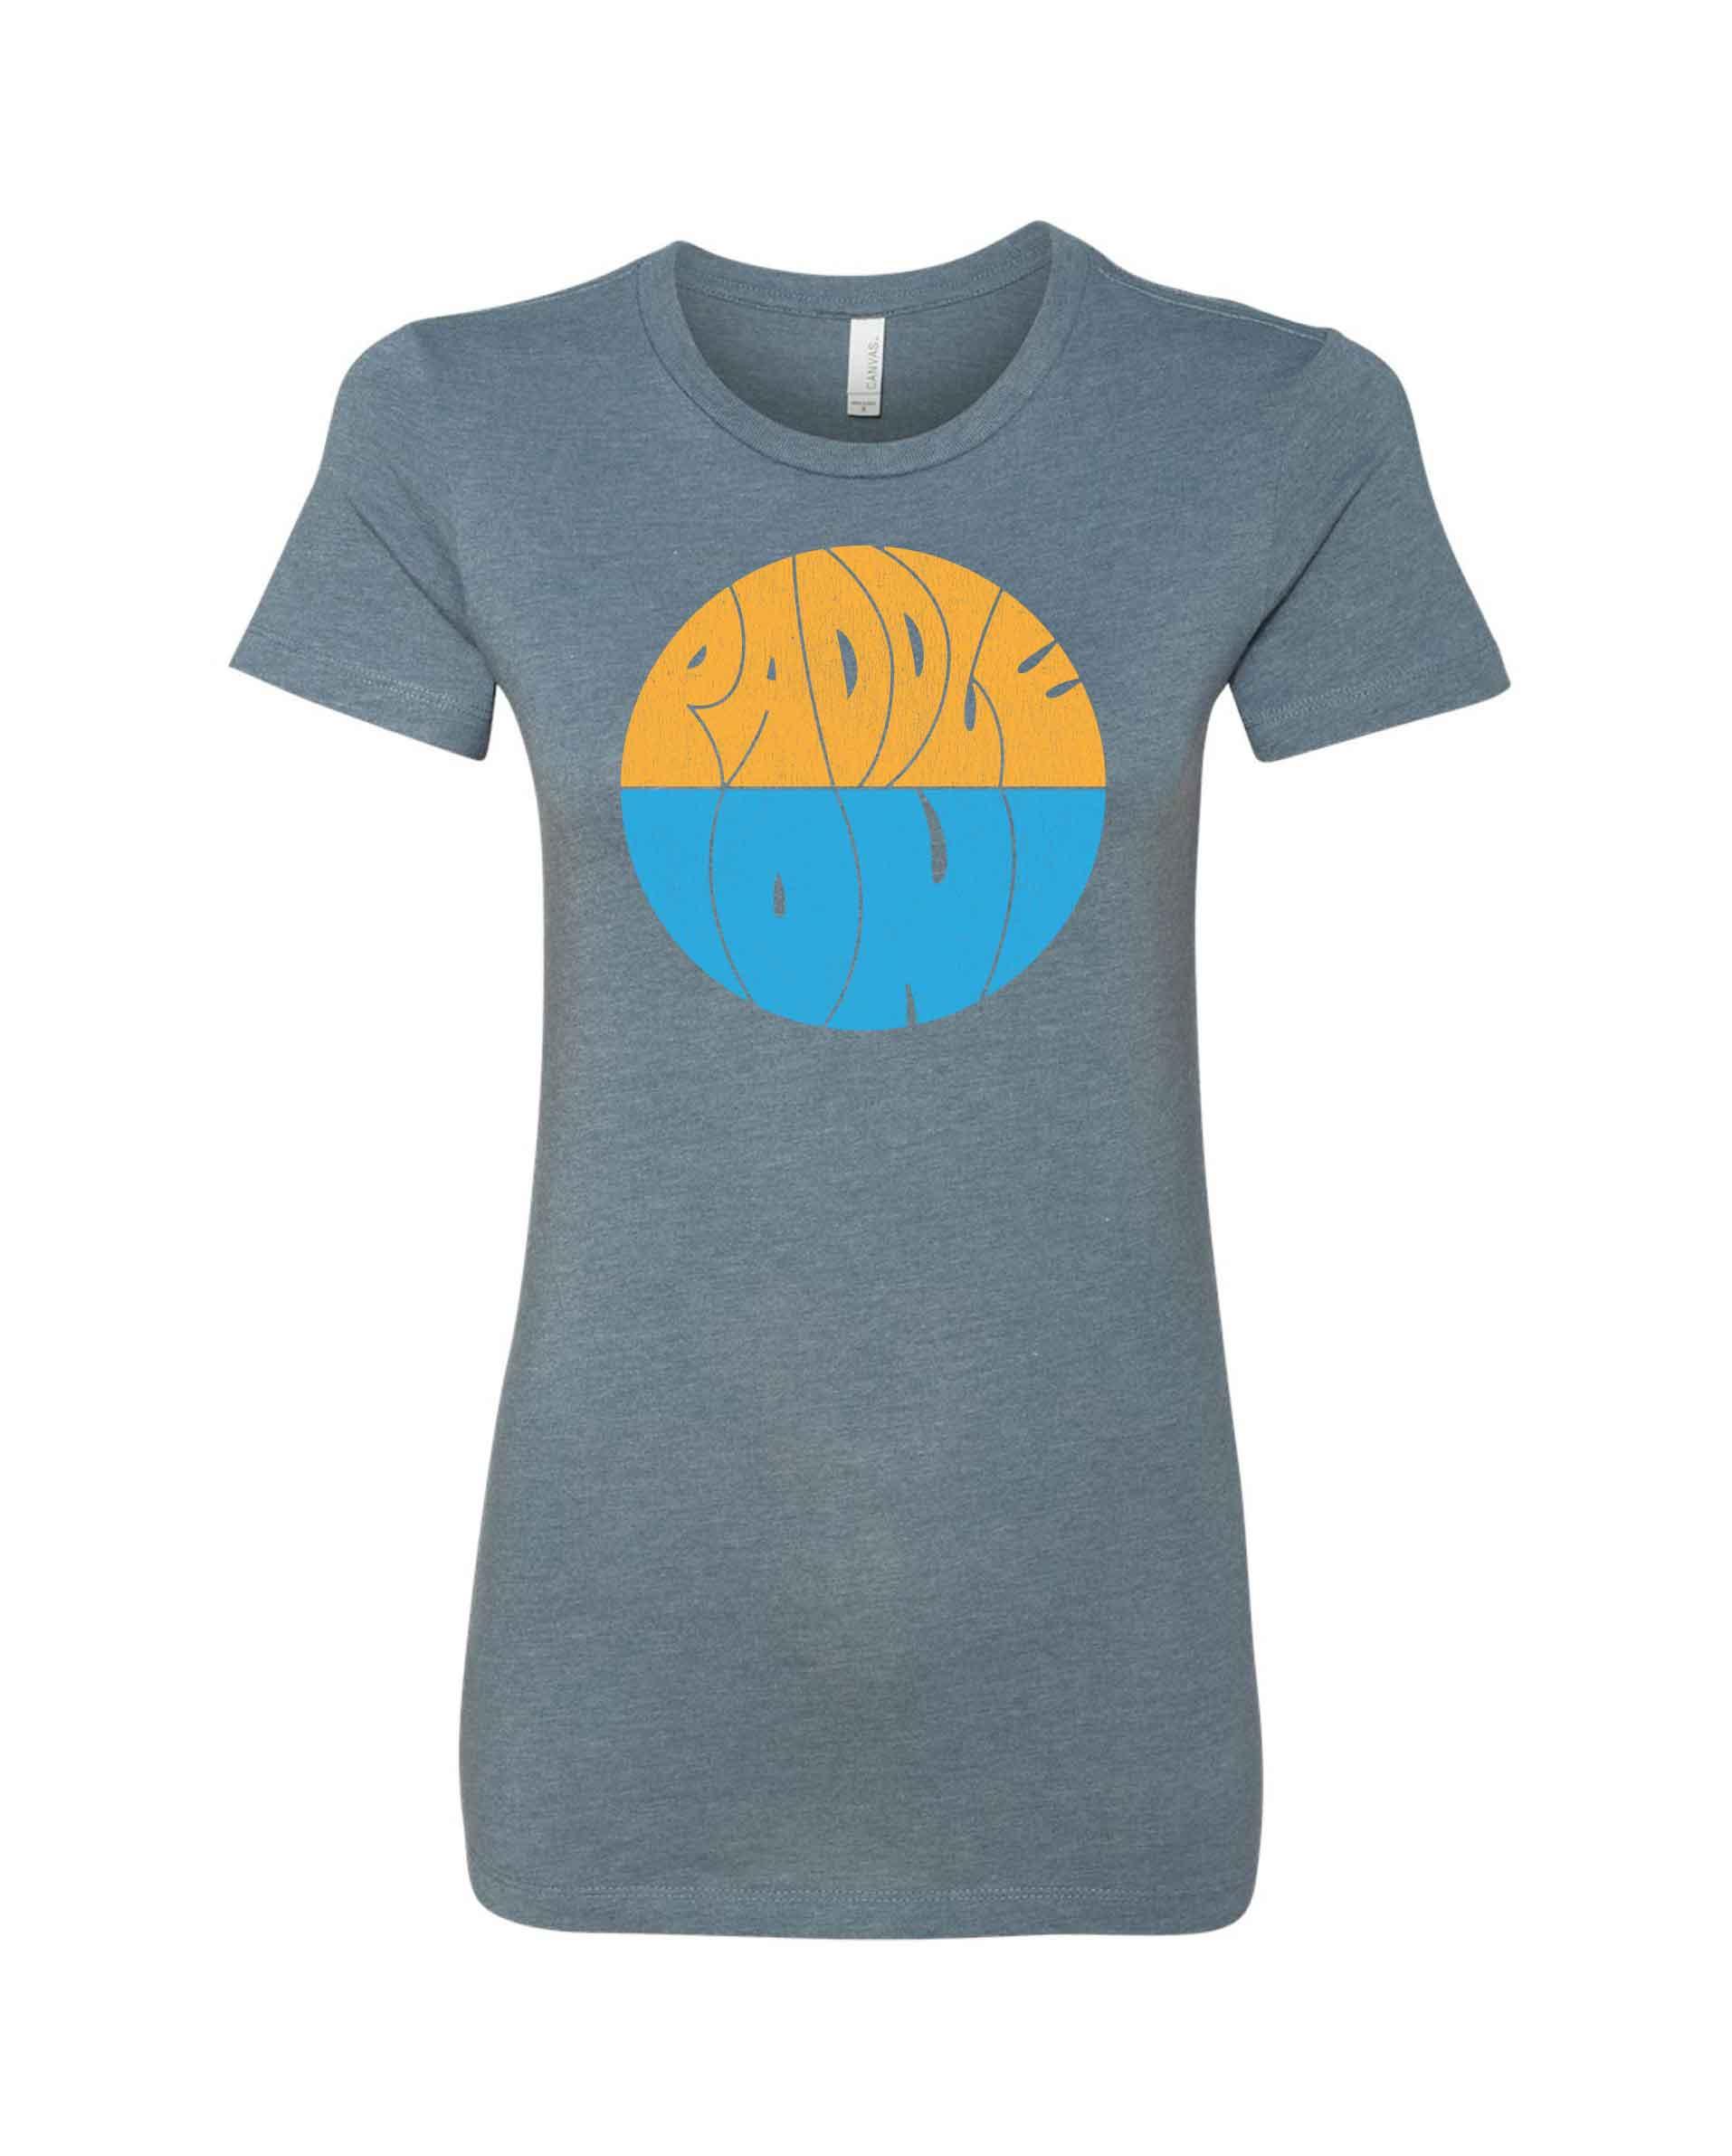 LakeLuster_Tshirts_PaddleOn_Ladies_6004_HeatherSlate_A.jpg